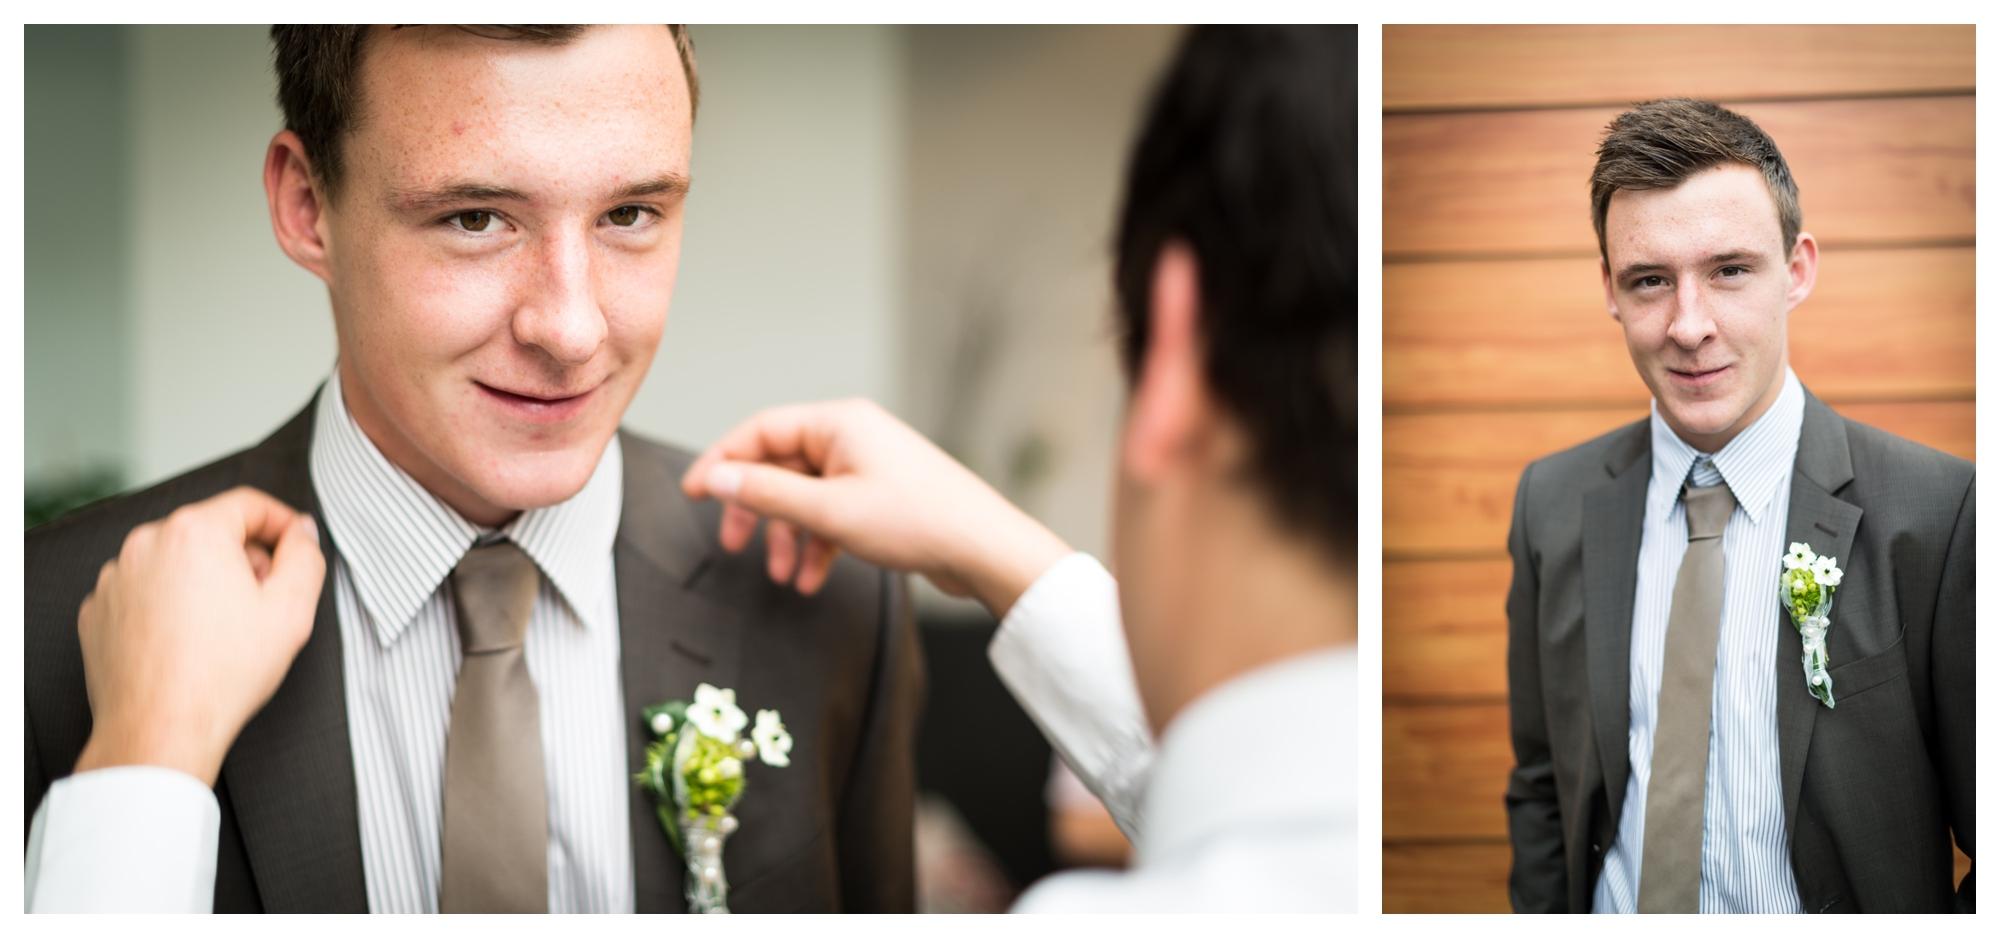 Fotograf Konstanz - 2013 12 09 0005 - Als Hochzeitsfotograf in Bad Dürrheim unterwegs  - 14 -